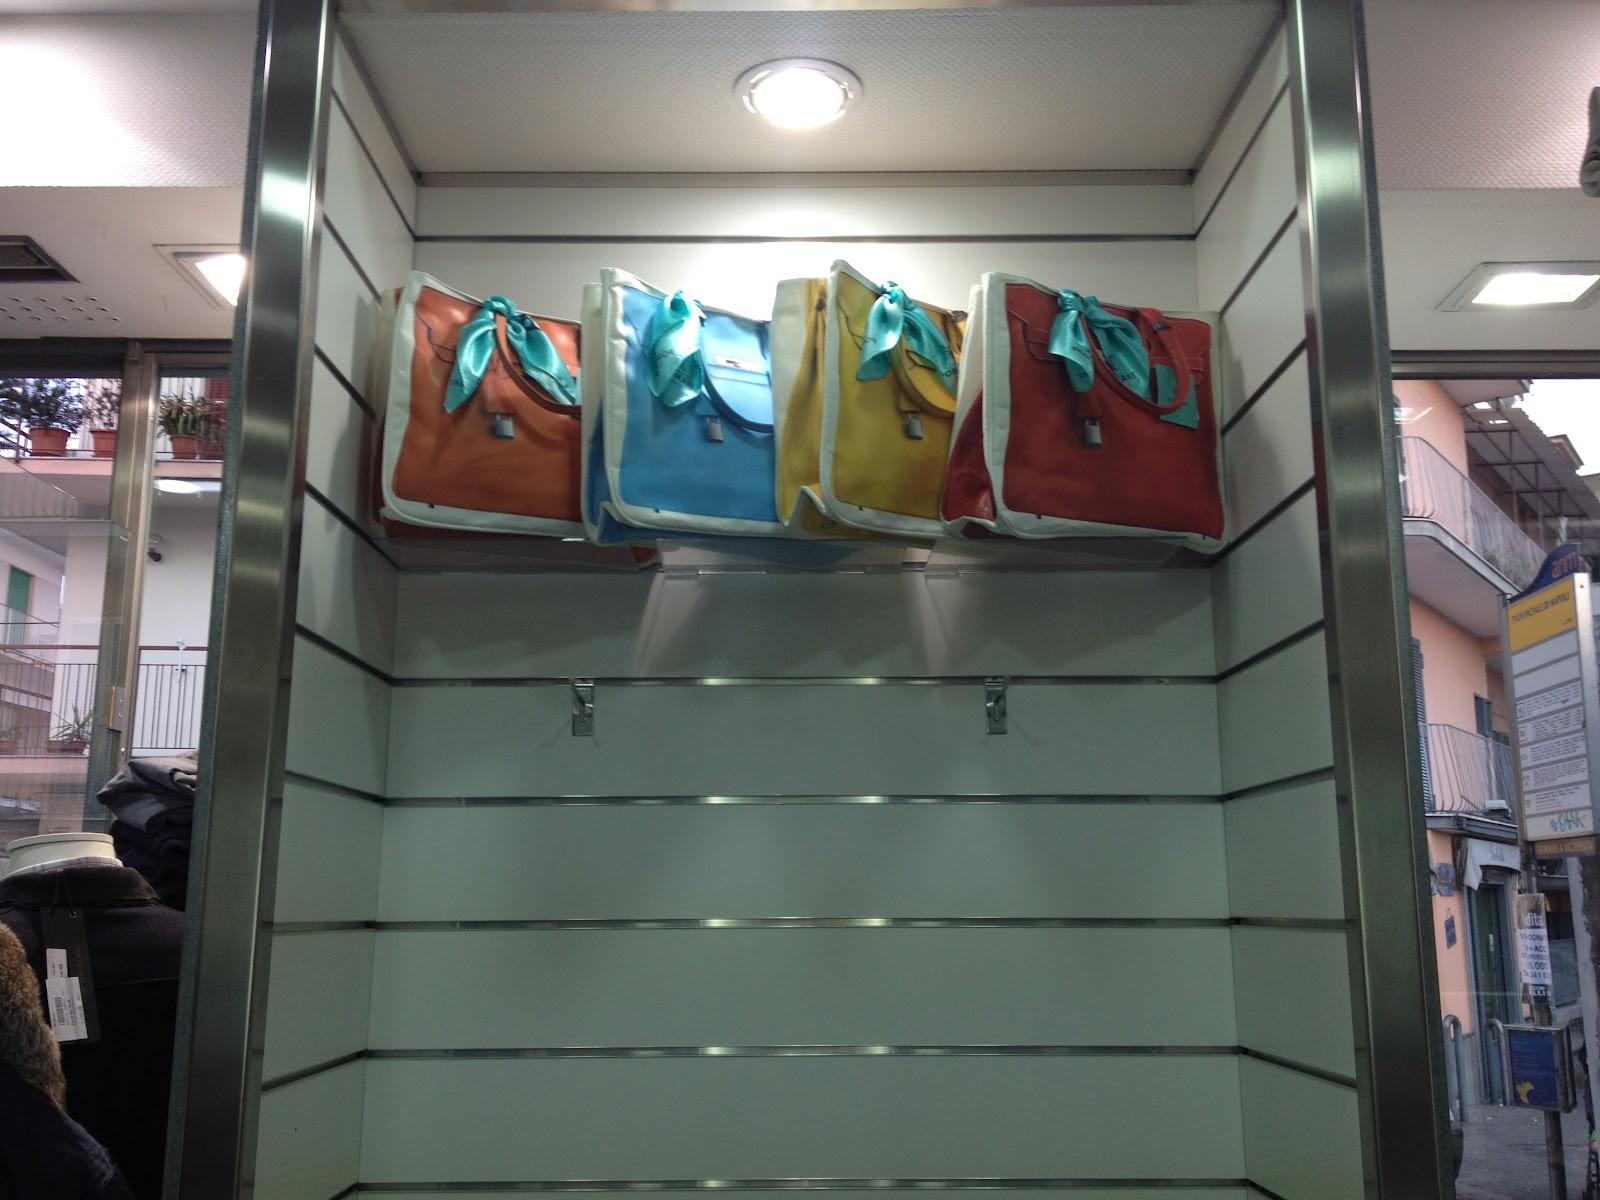 http://3.bp.blogspot.com/-dN0HJMuV7J8/T2pv-KKYEbI/AAAAAAAAASg/aO0qs1sC9EU/s1600/pomikaki+bag+003.jpg